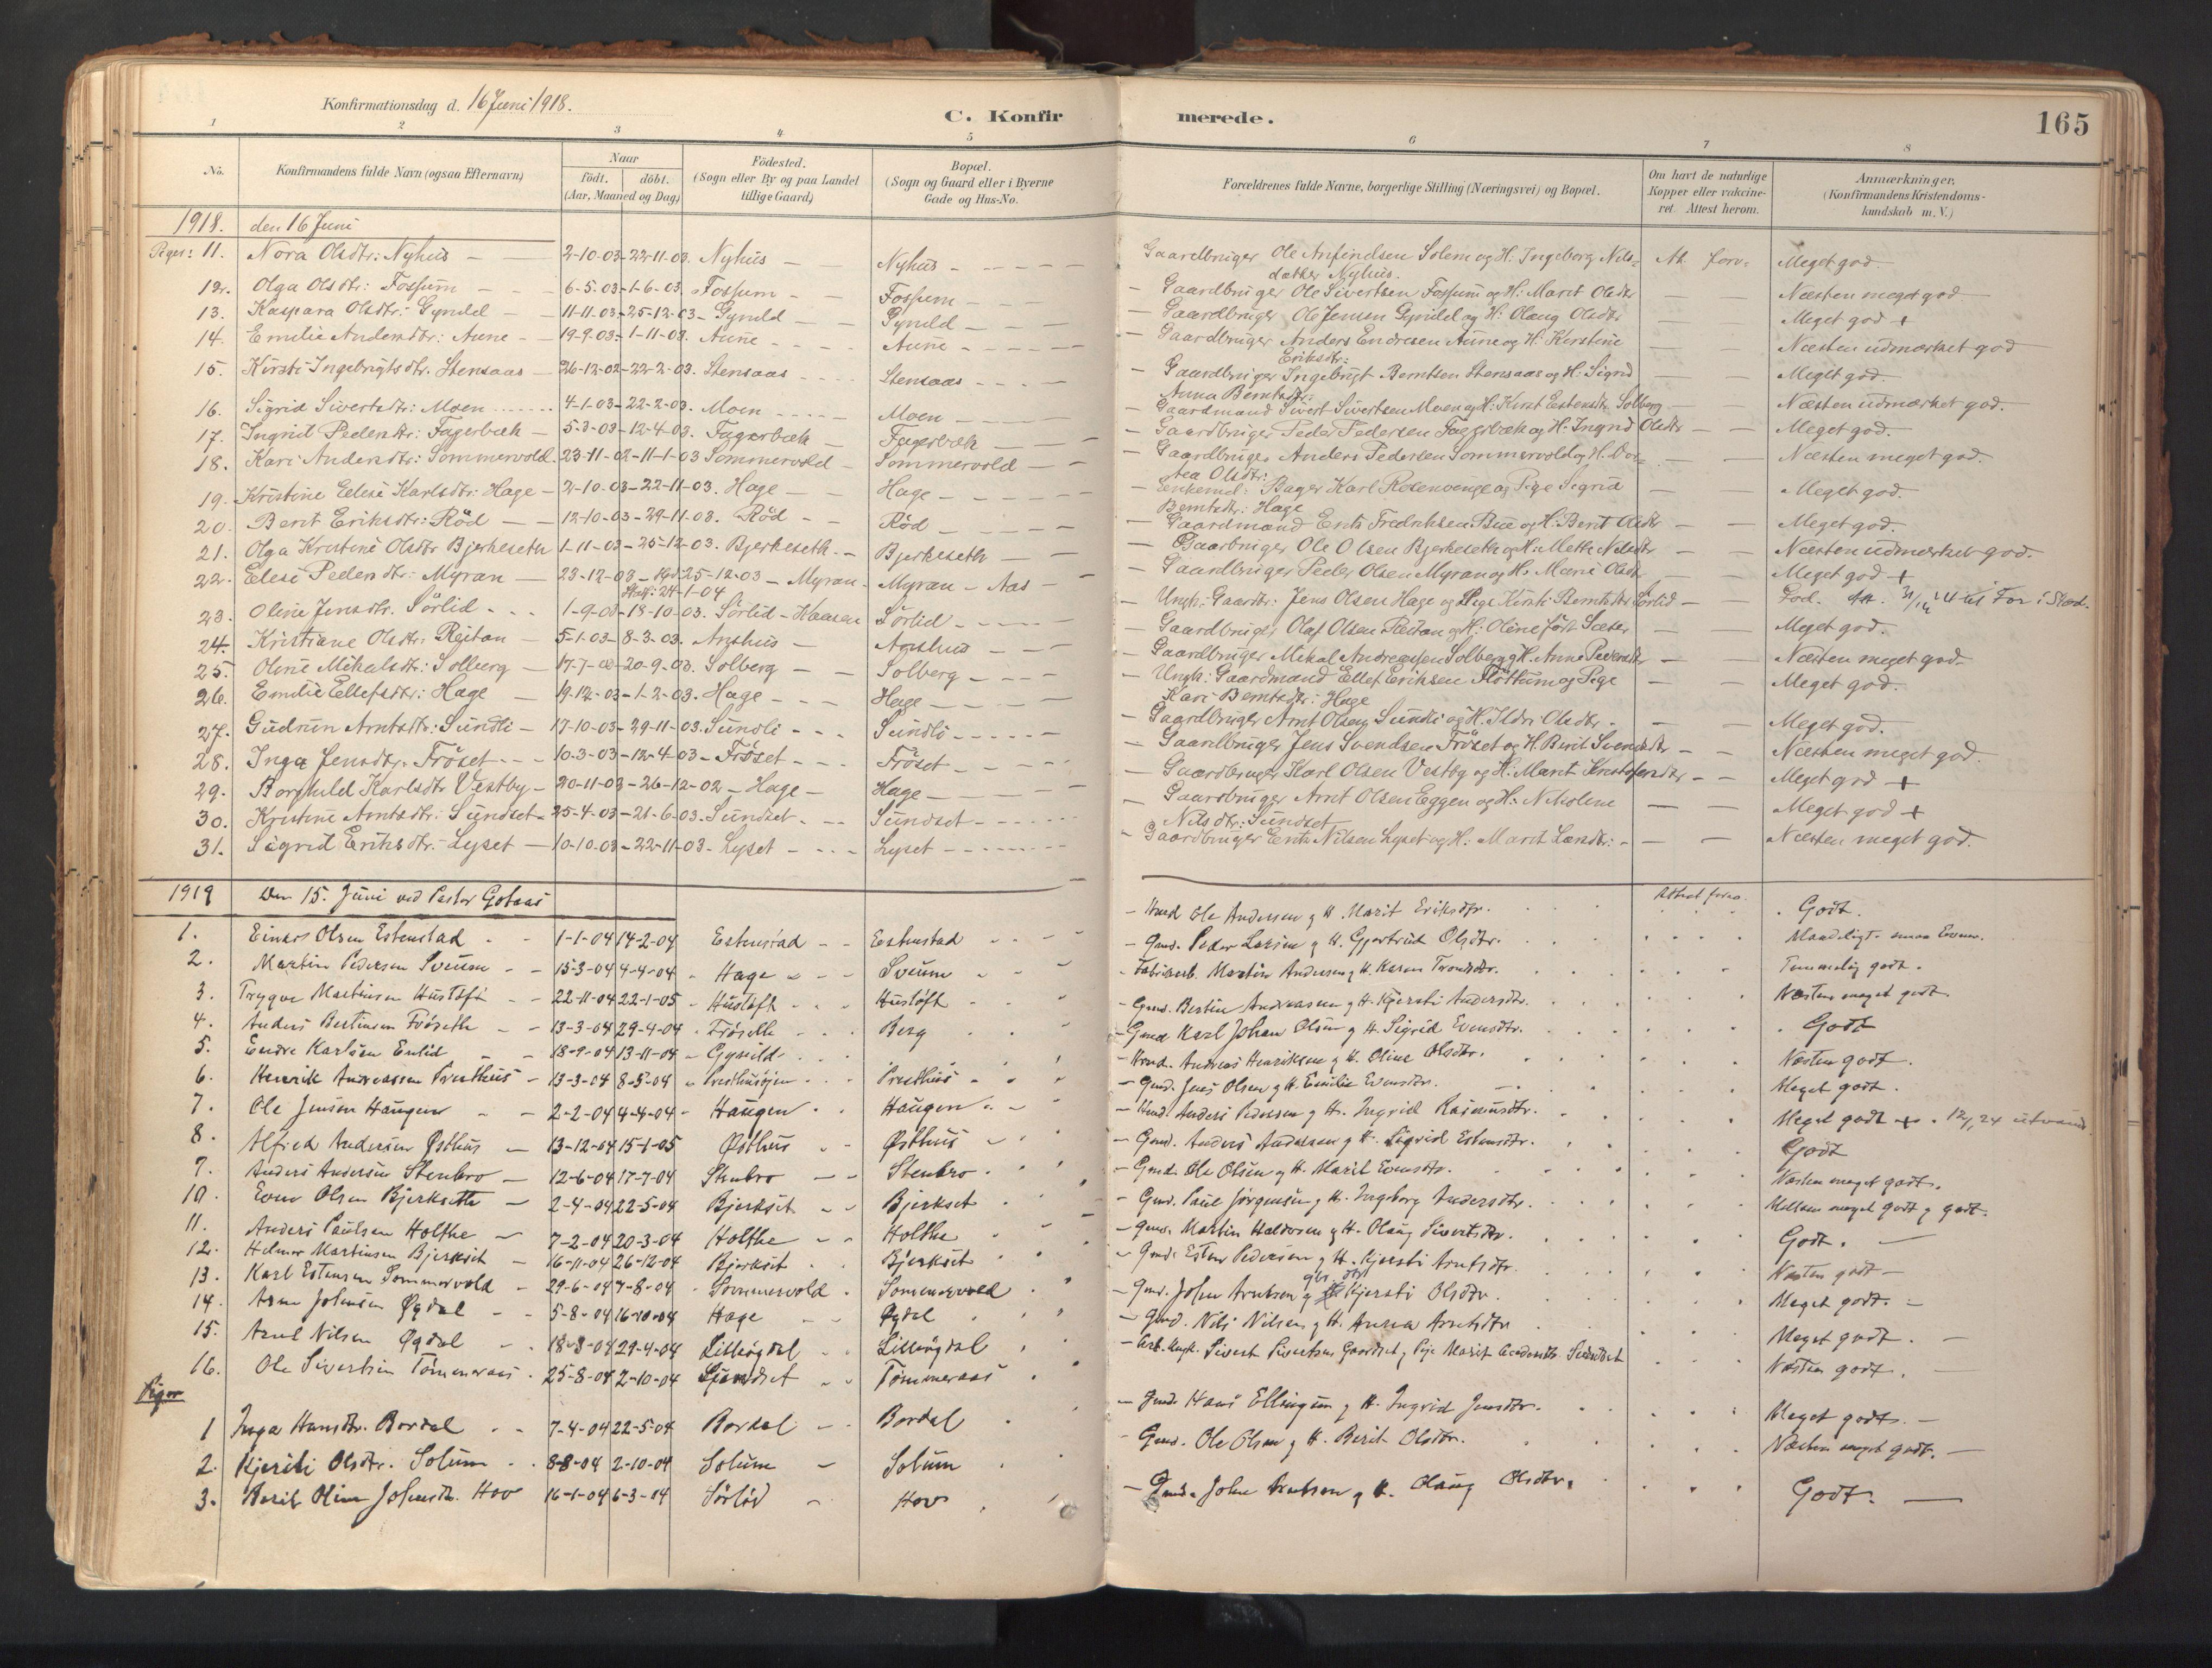 SAT, Ministerialprotokoller, klokkerbøker og fødselsregistre - Sør-Trøndelag, 689/L1041: Ministerialbok nr. 689A06, 1891-1923, s. 165